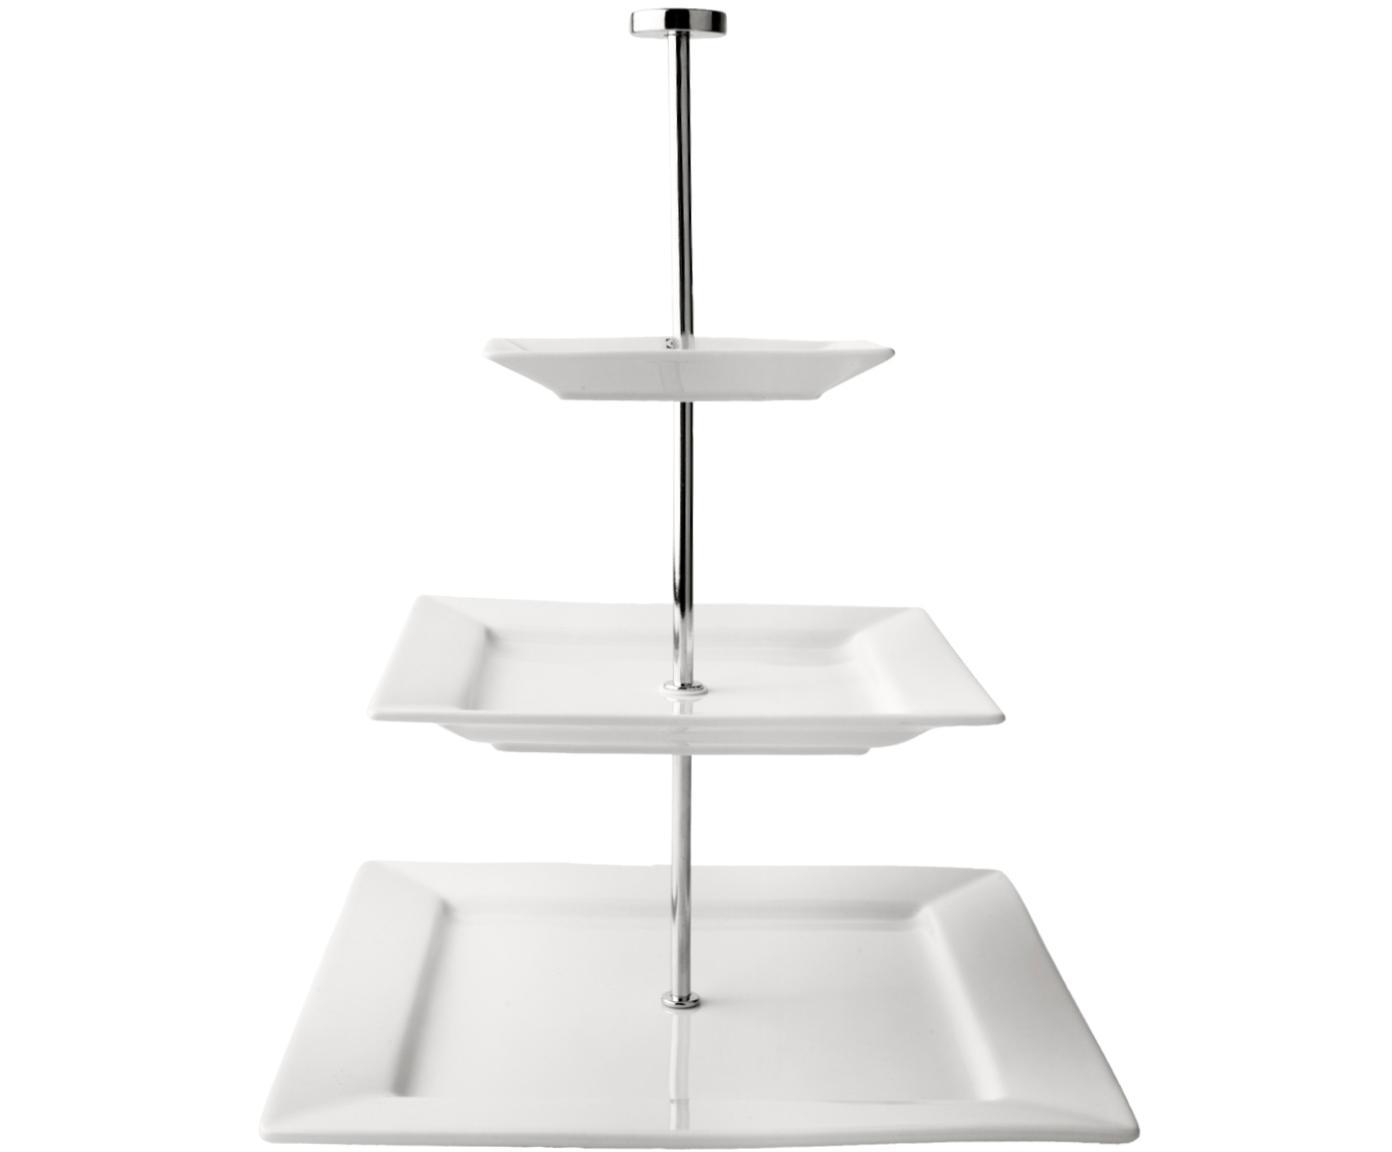 Etagere Squared, Ablagefläche: Porzellan, Stange: Zinklegierung, Teller: Weiß<br>Ständer: Zinklegierung, 26 x 35 cm